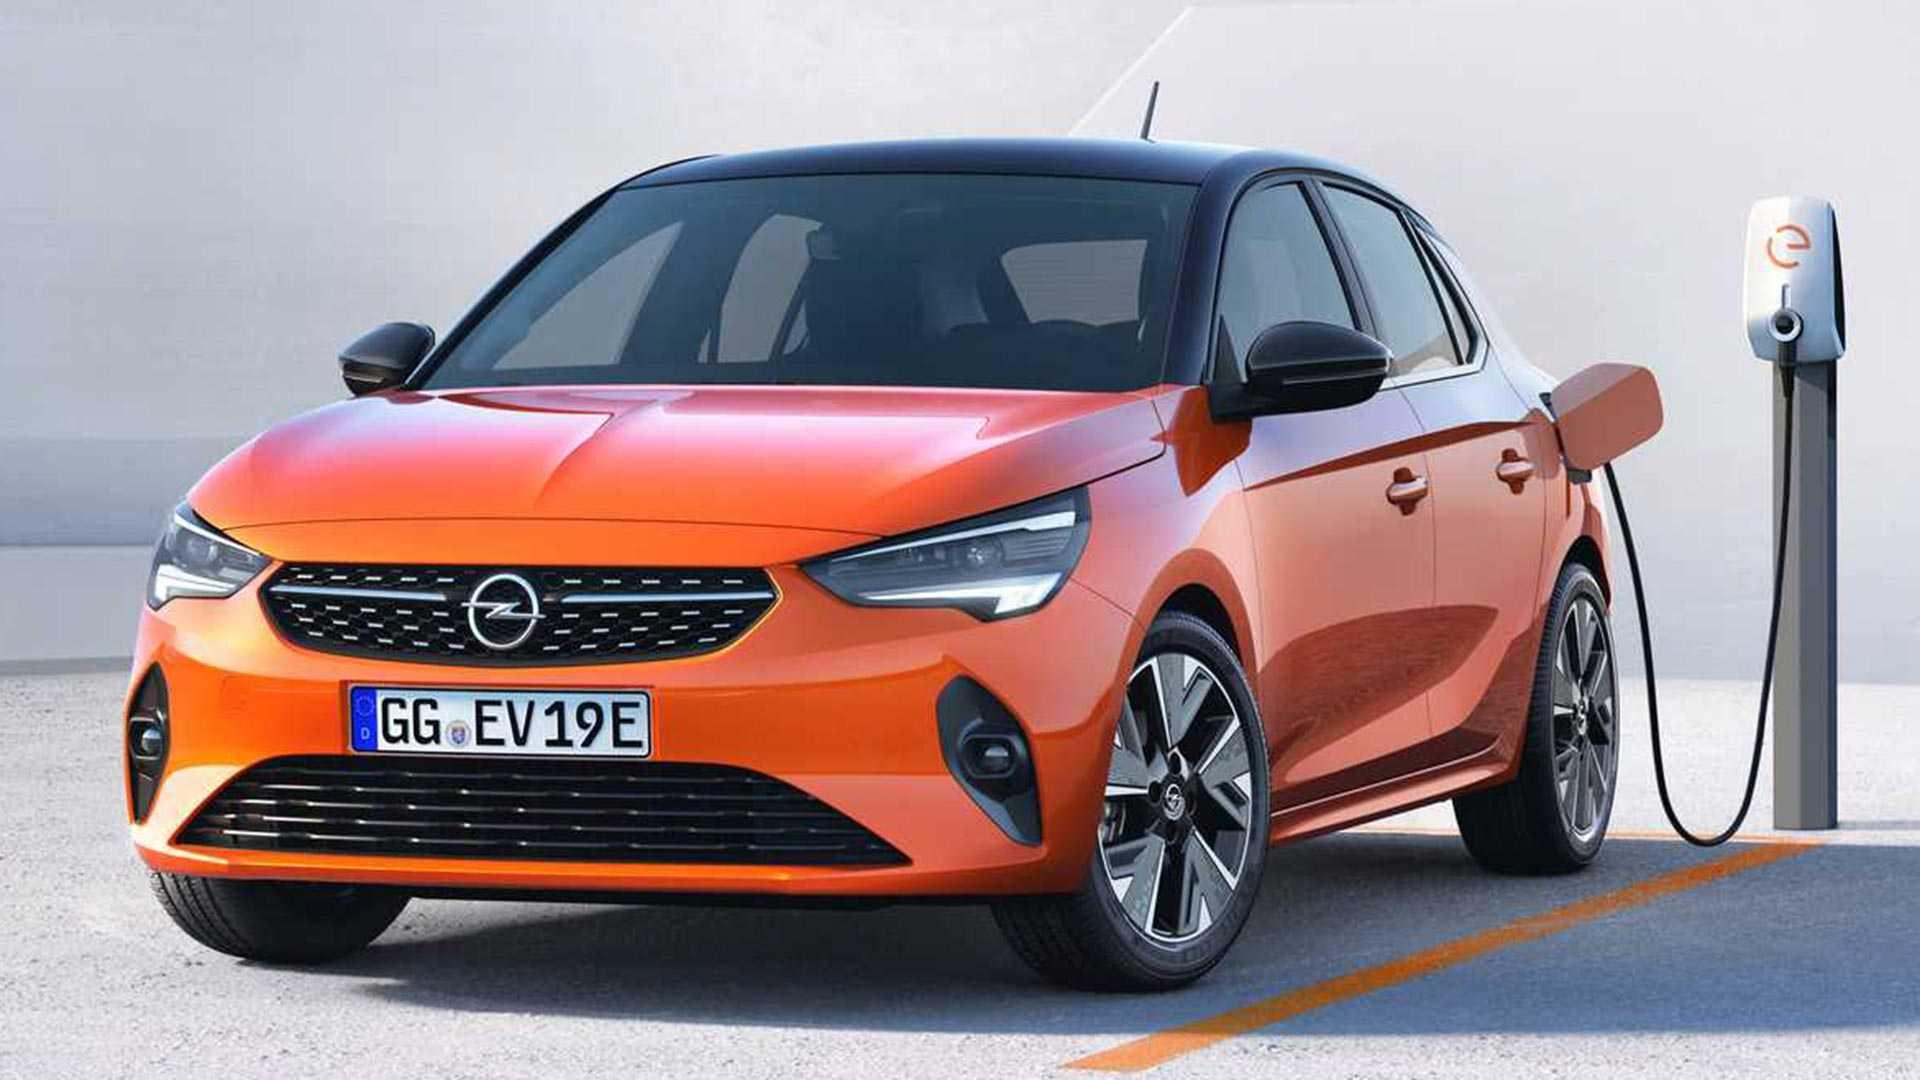 Promozioni 2021 Opel Corsa-e con super sconto elettriche ...